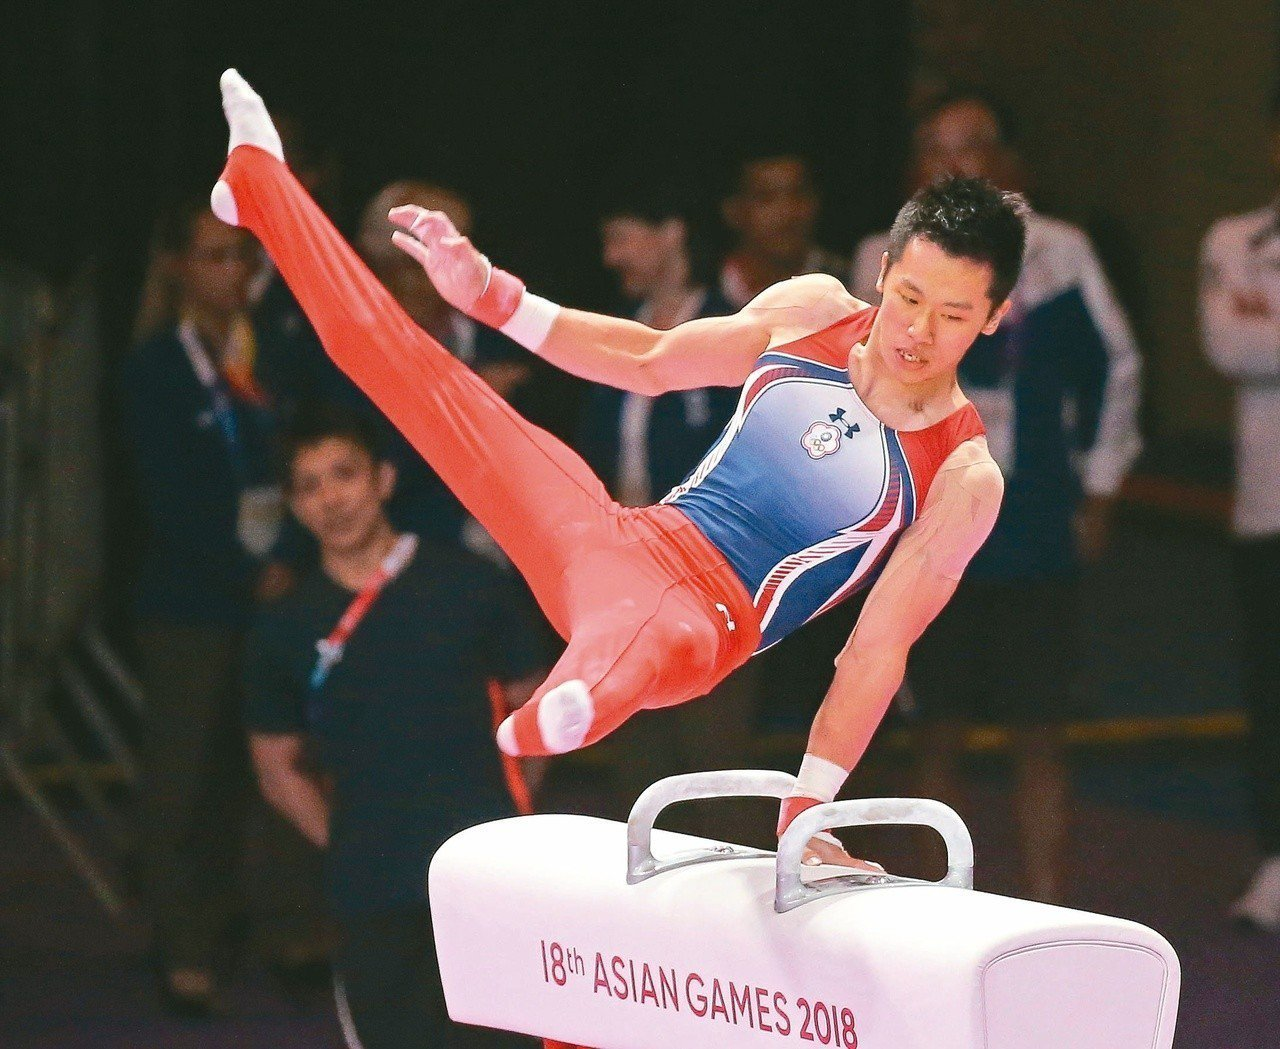 李智凱在體操鞍馬演出不斷精進,目標是東京奧運奪牌。圖/聯合報系資料照片